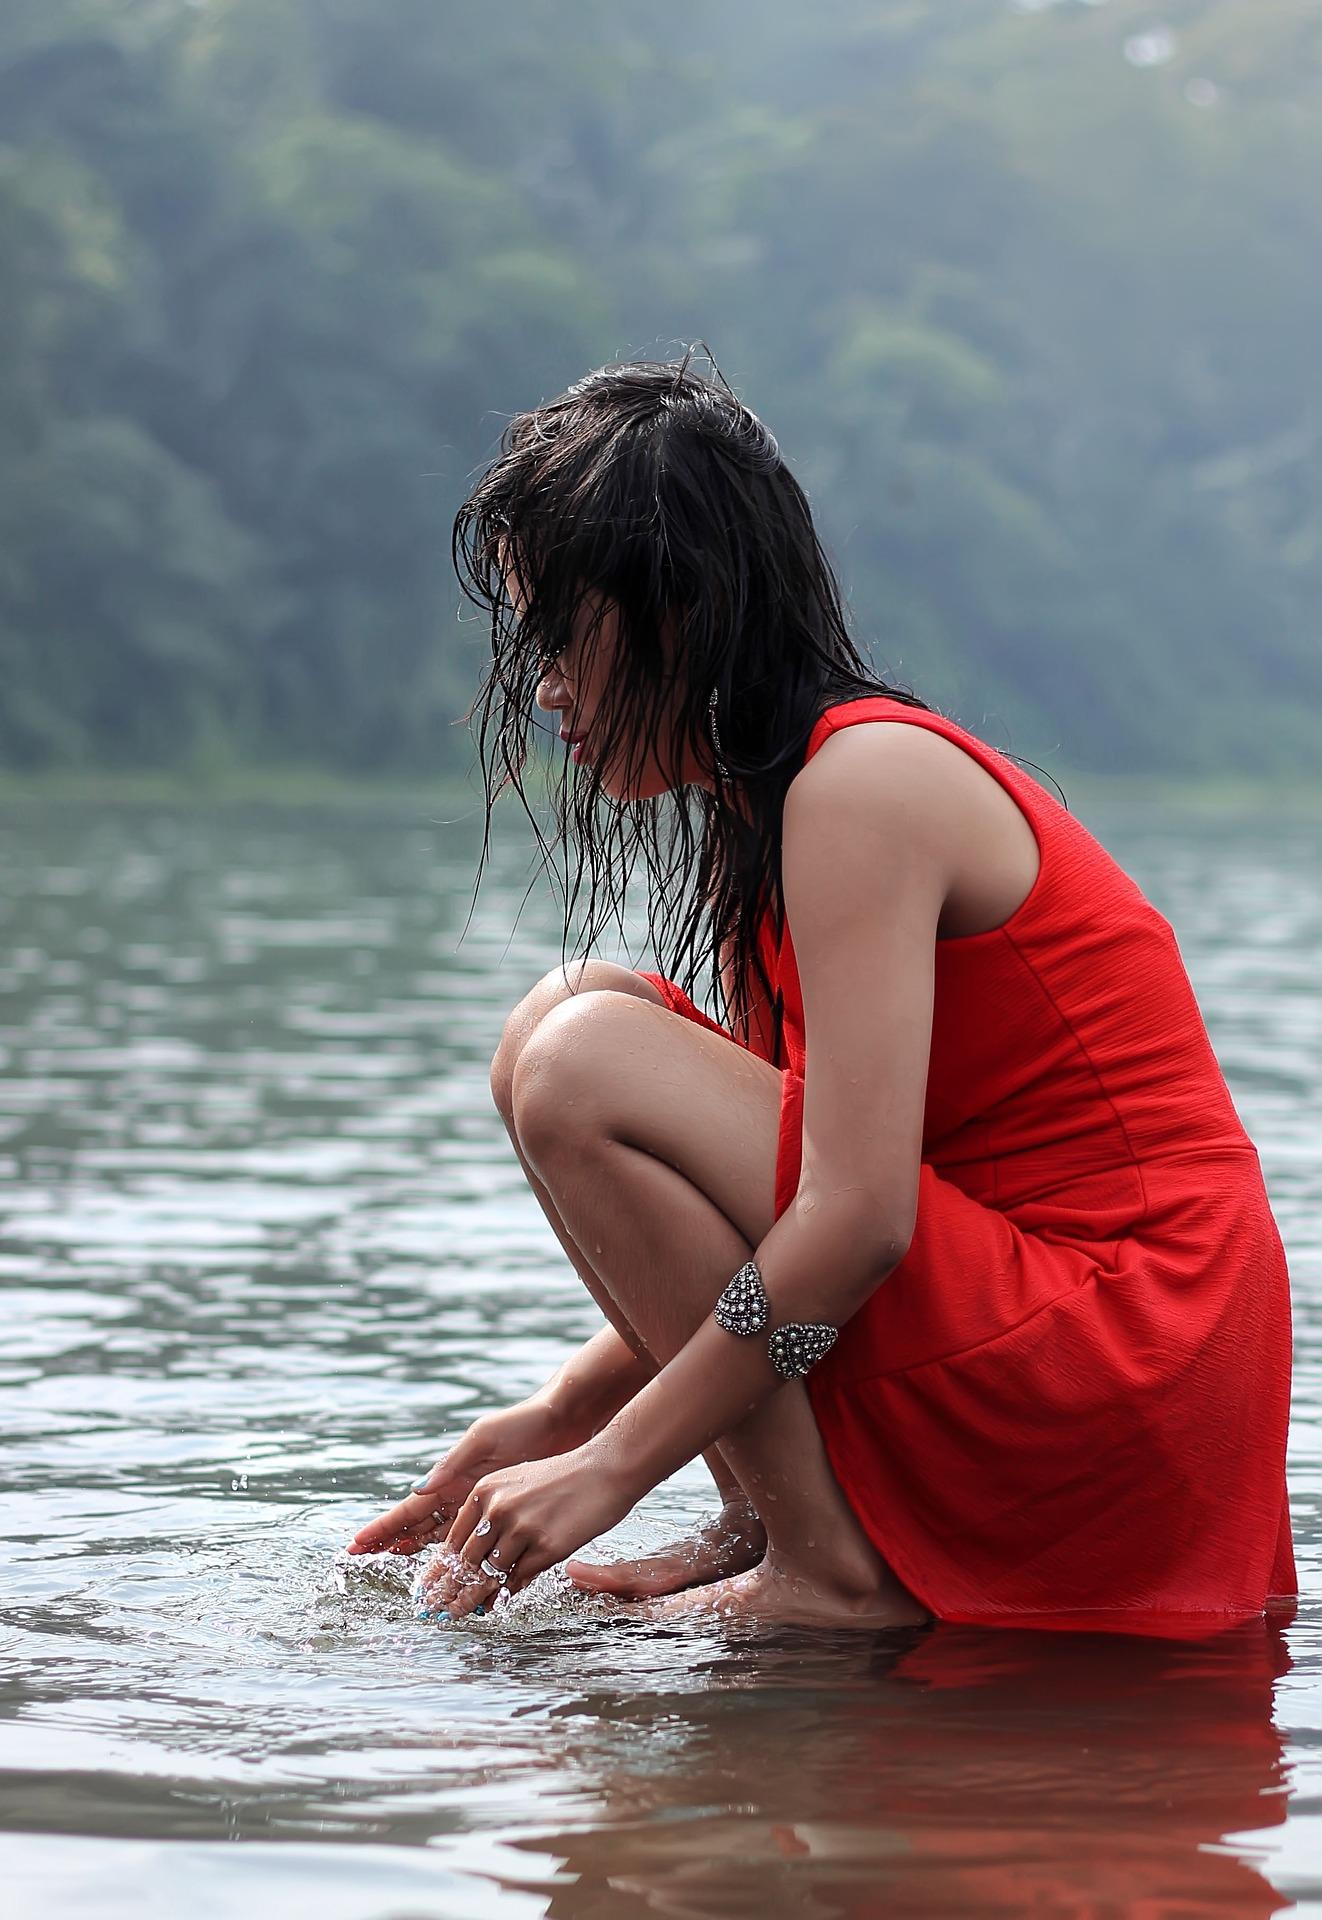 Mulher refletindo enquanto brinca na água - para o texto O Feminino como Arauto do Sentimento